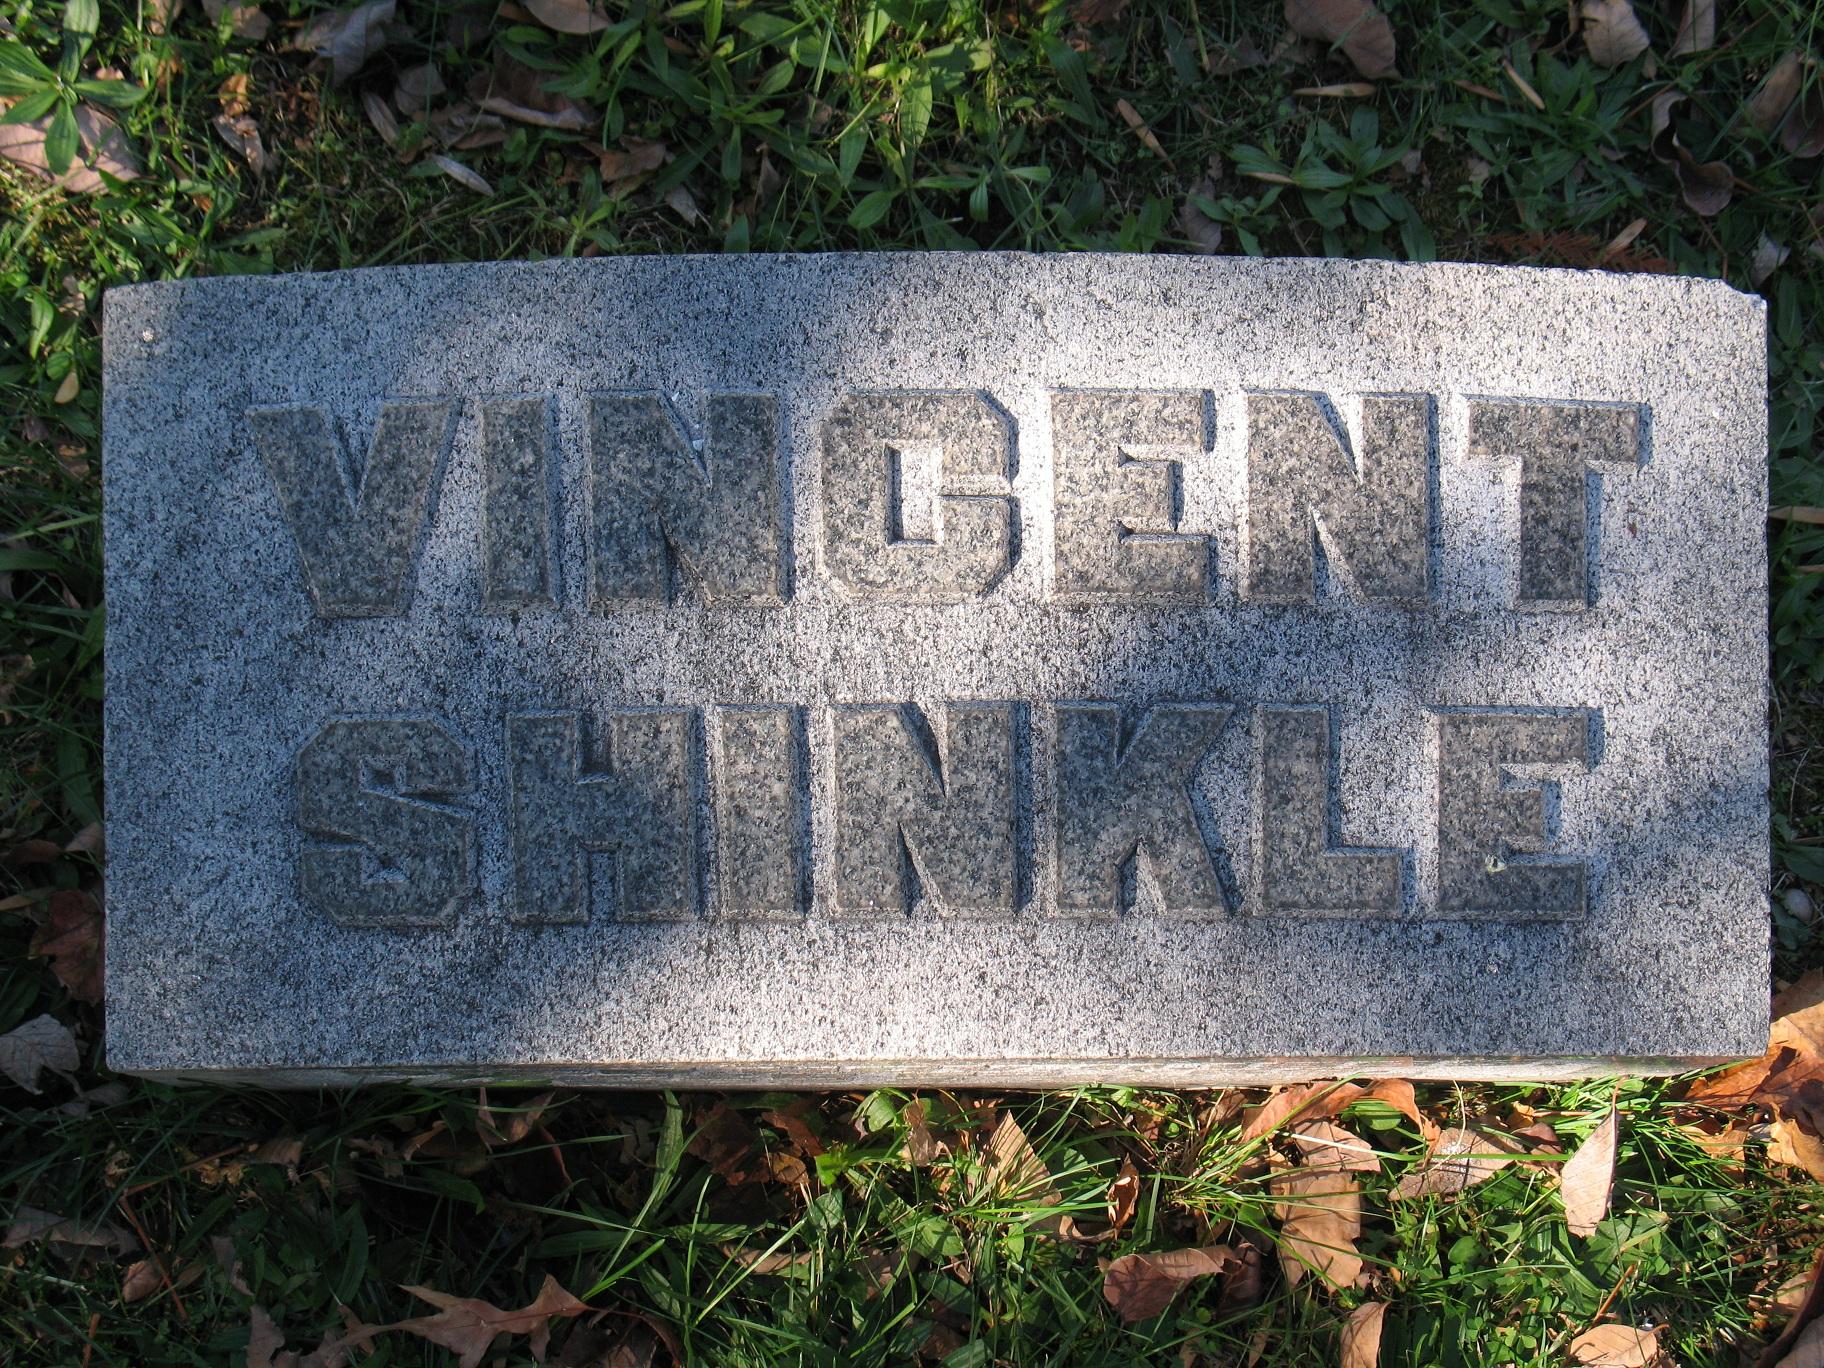 Vincent Shinkle